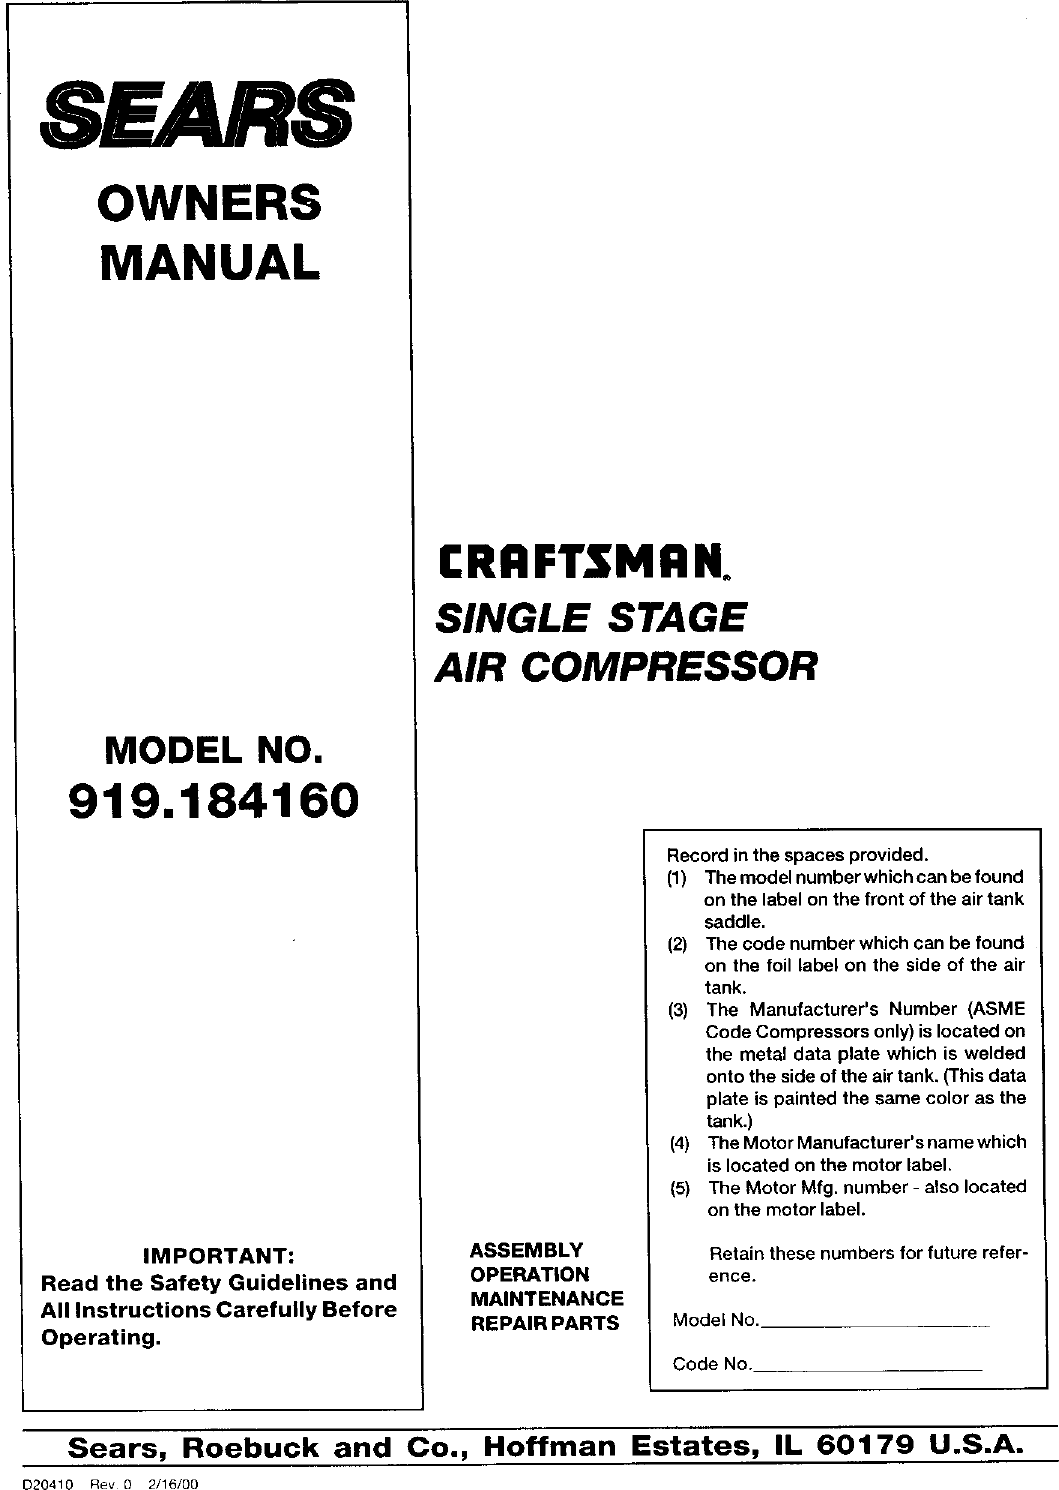 Craftsman Air Compressor Manual L0050106 Wiring Schematics Ssv Works